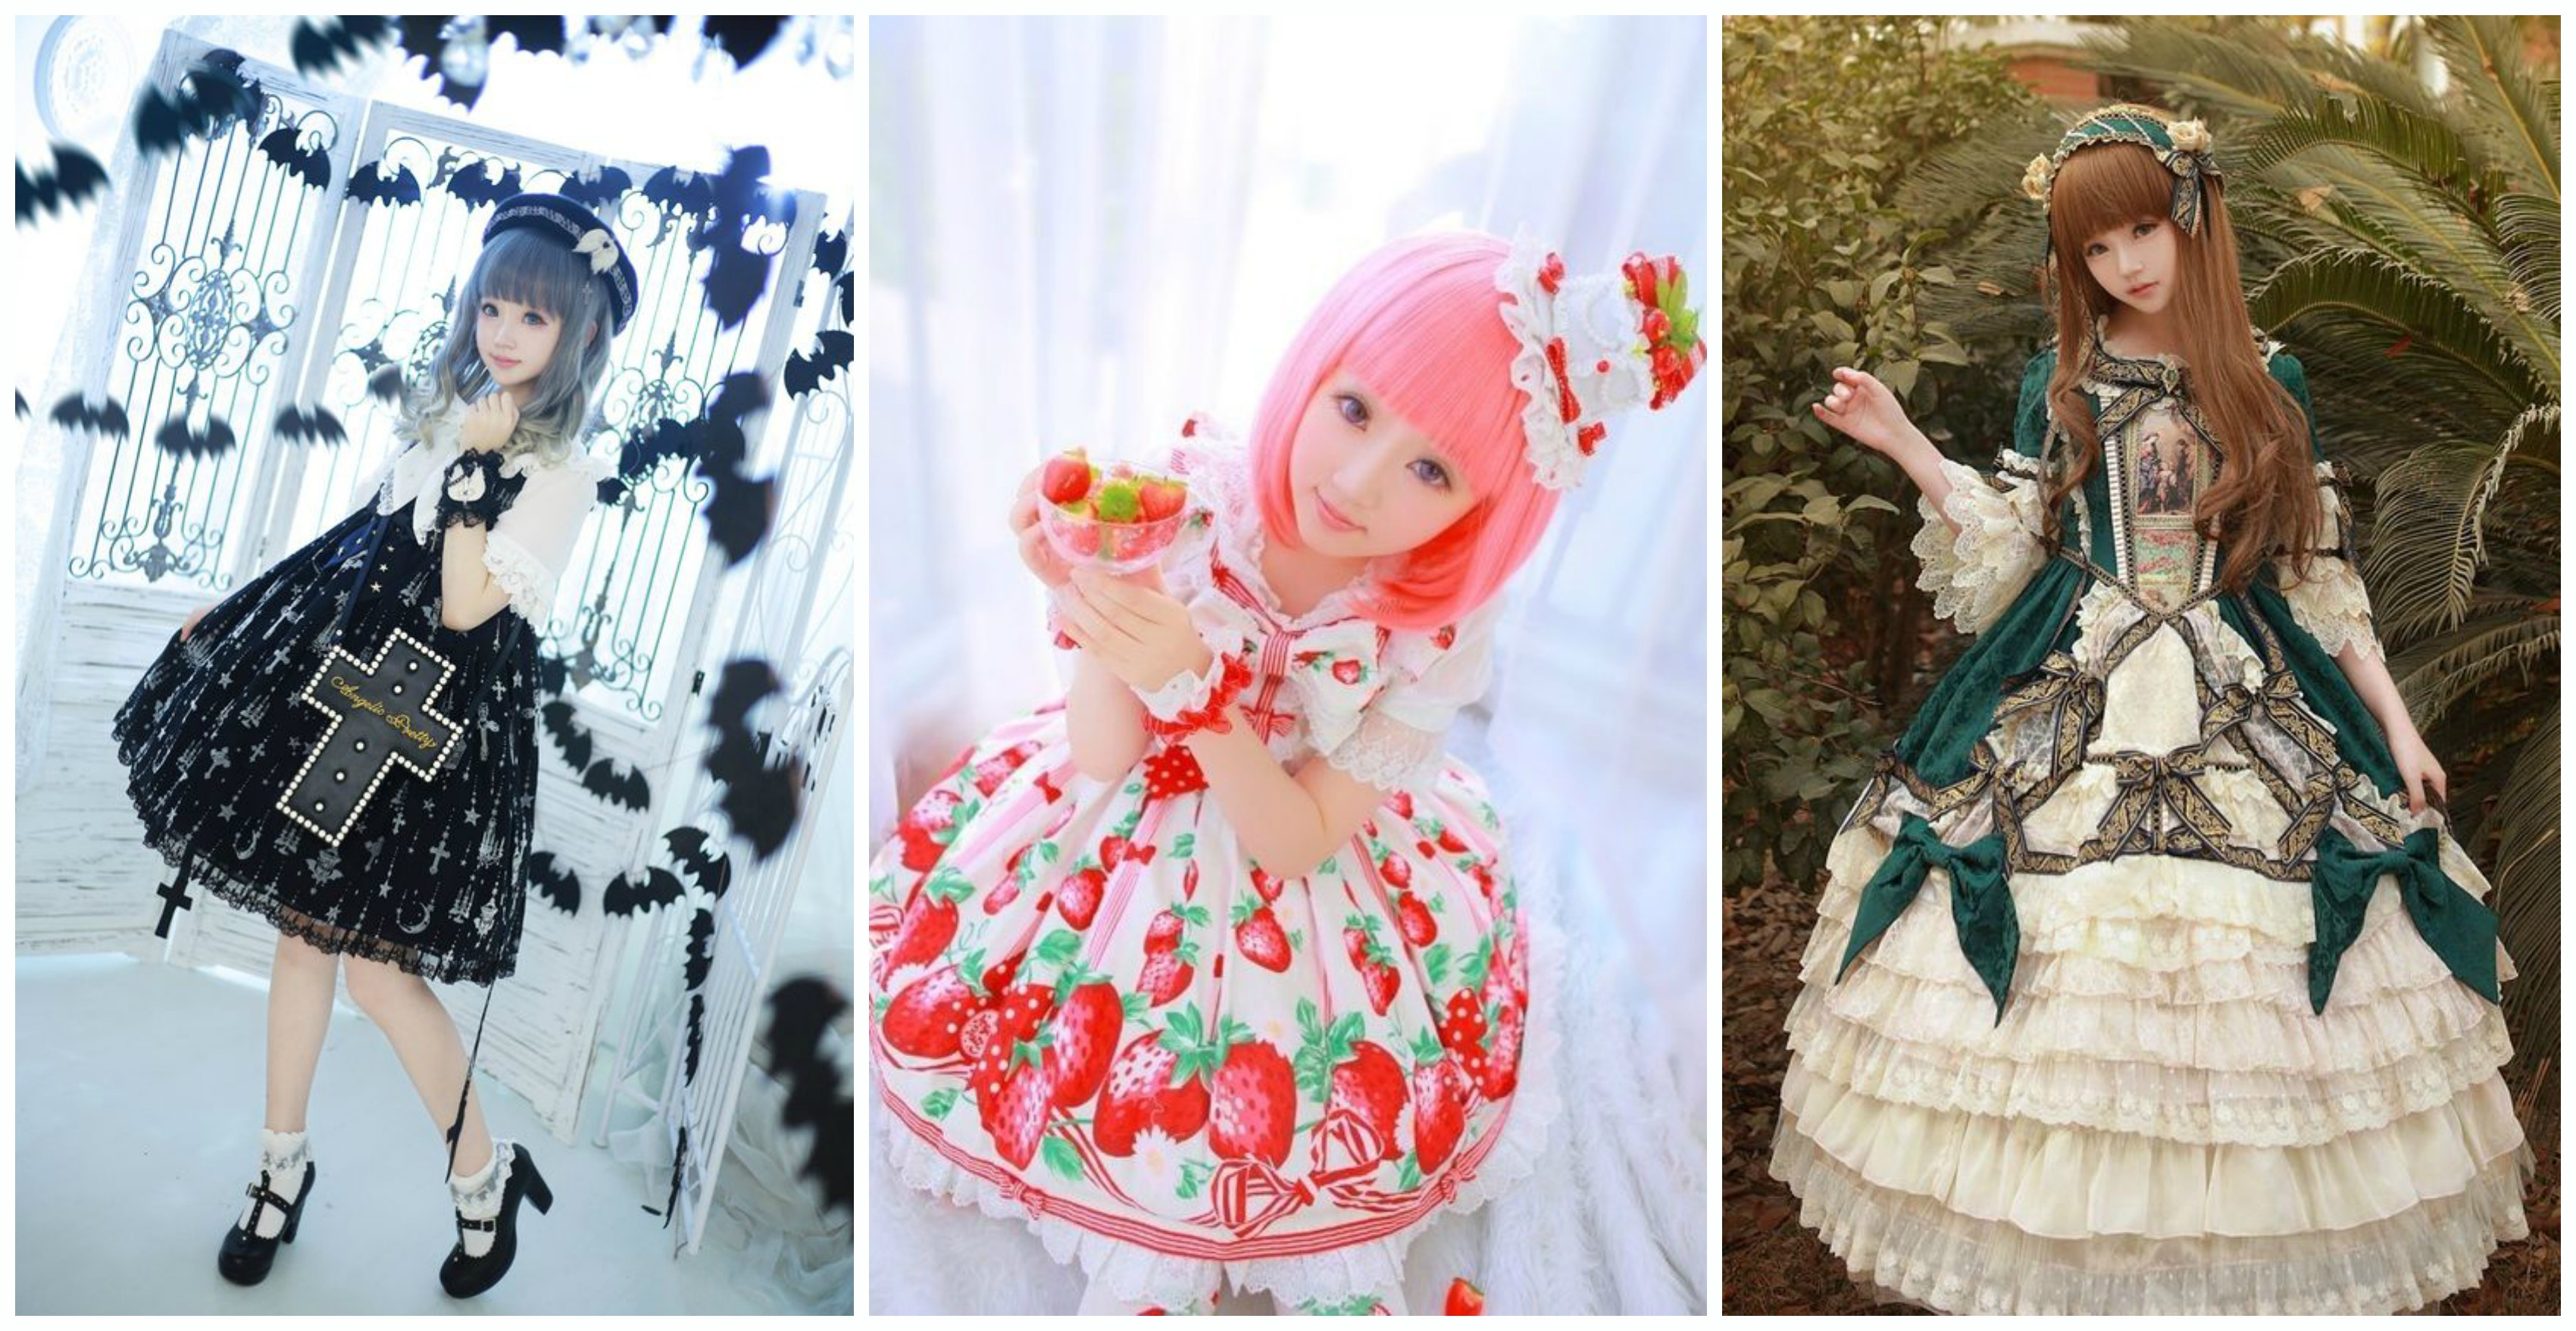 c509e99004f1 Negli anni Novanta la moda lolita ha iniziato a diventare più conosciuta  grazie a band musicali molto popolari in quegli anni